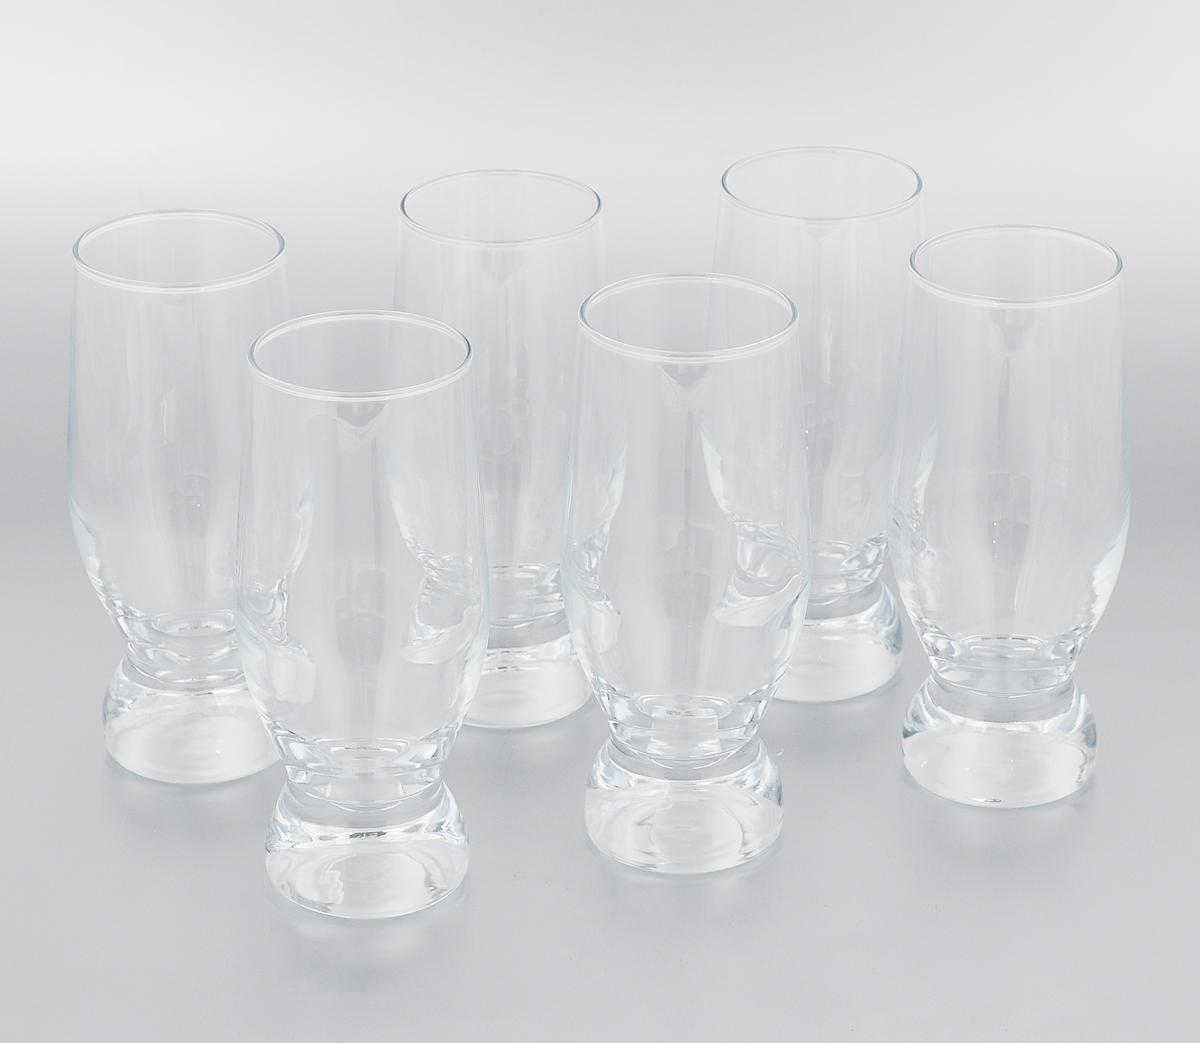 Набор стаканов Pasabahce Aquatic, 265 мл, 6 штVT-1520(SR)Набор Pasabahce Aquatic состоит из 6 стаканов, выполненных из прочного натрий-кальций-силикатного стекла, которое выдерживает нагрев до 70°С. Стильный лаконичный дизайн, роскошный внешний вид и несравненное качество сделают их великолепным украшением стола. Подходят для мытья в посудомоечной машине. Можно использовать в микроволновой печи и для хранения пищи в холодильнике. Диаметр (по верхнему краю): 5,5 см. Высота стакана: 15 см.